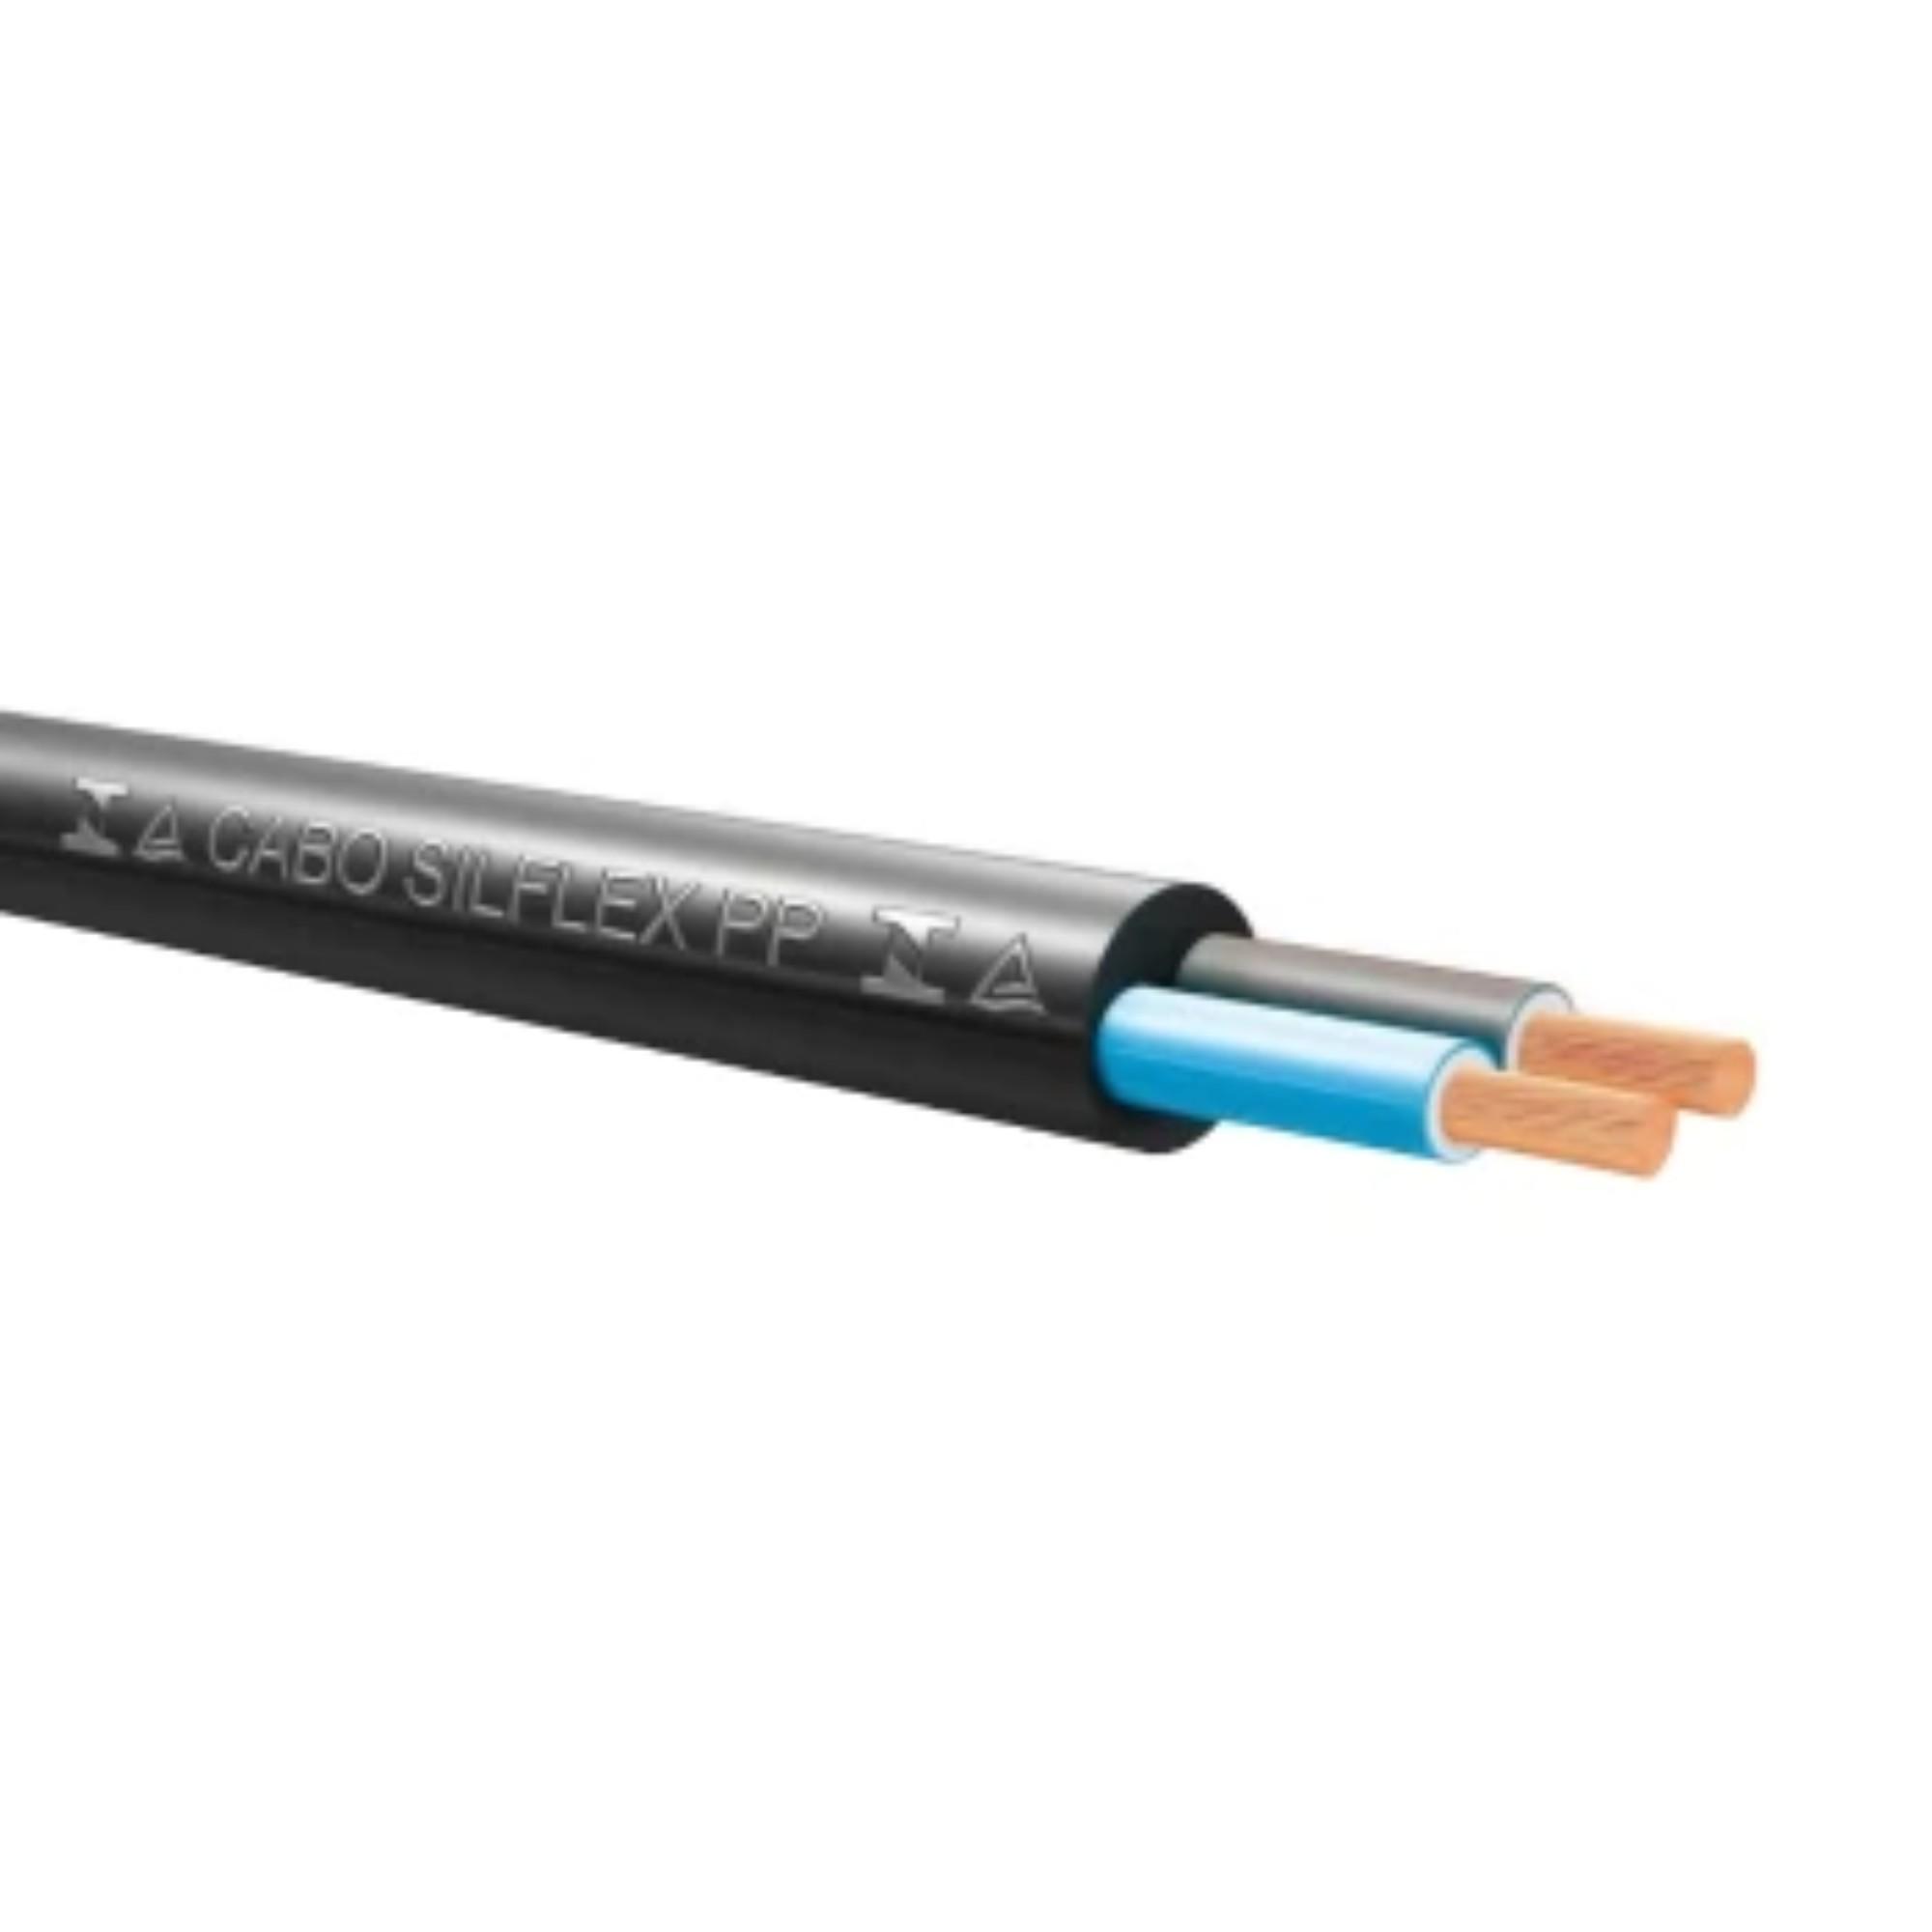 Cabo Flexível PP 2x1,5mm 550v 10m Preto